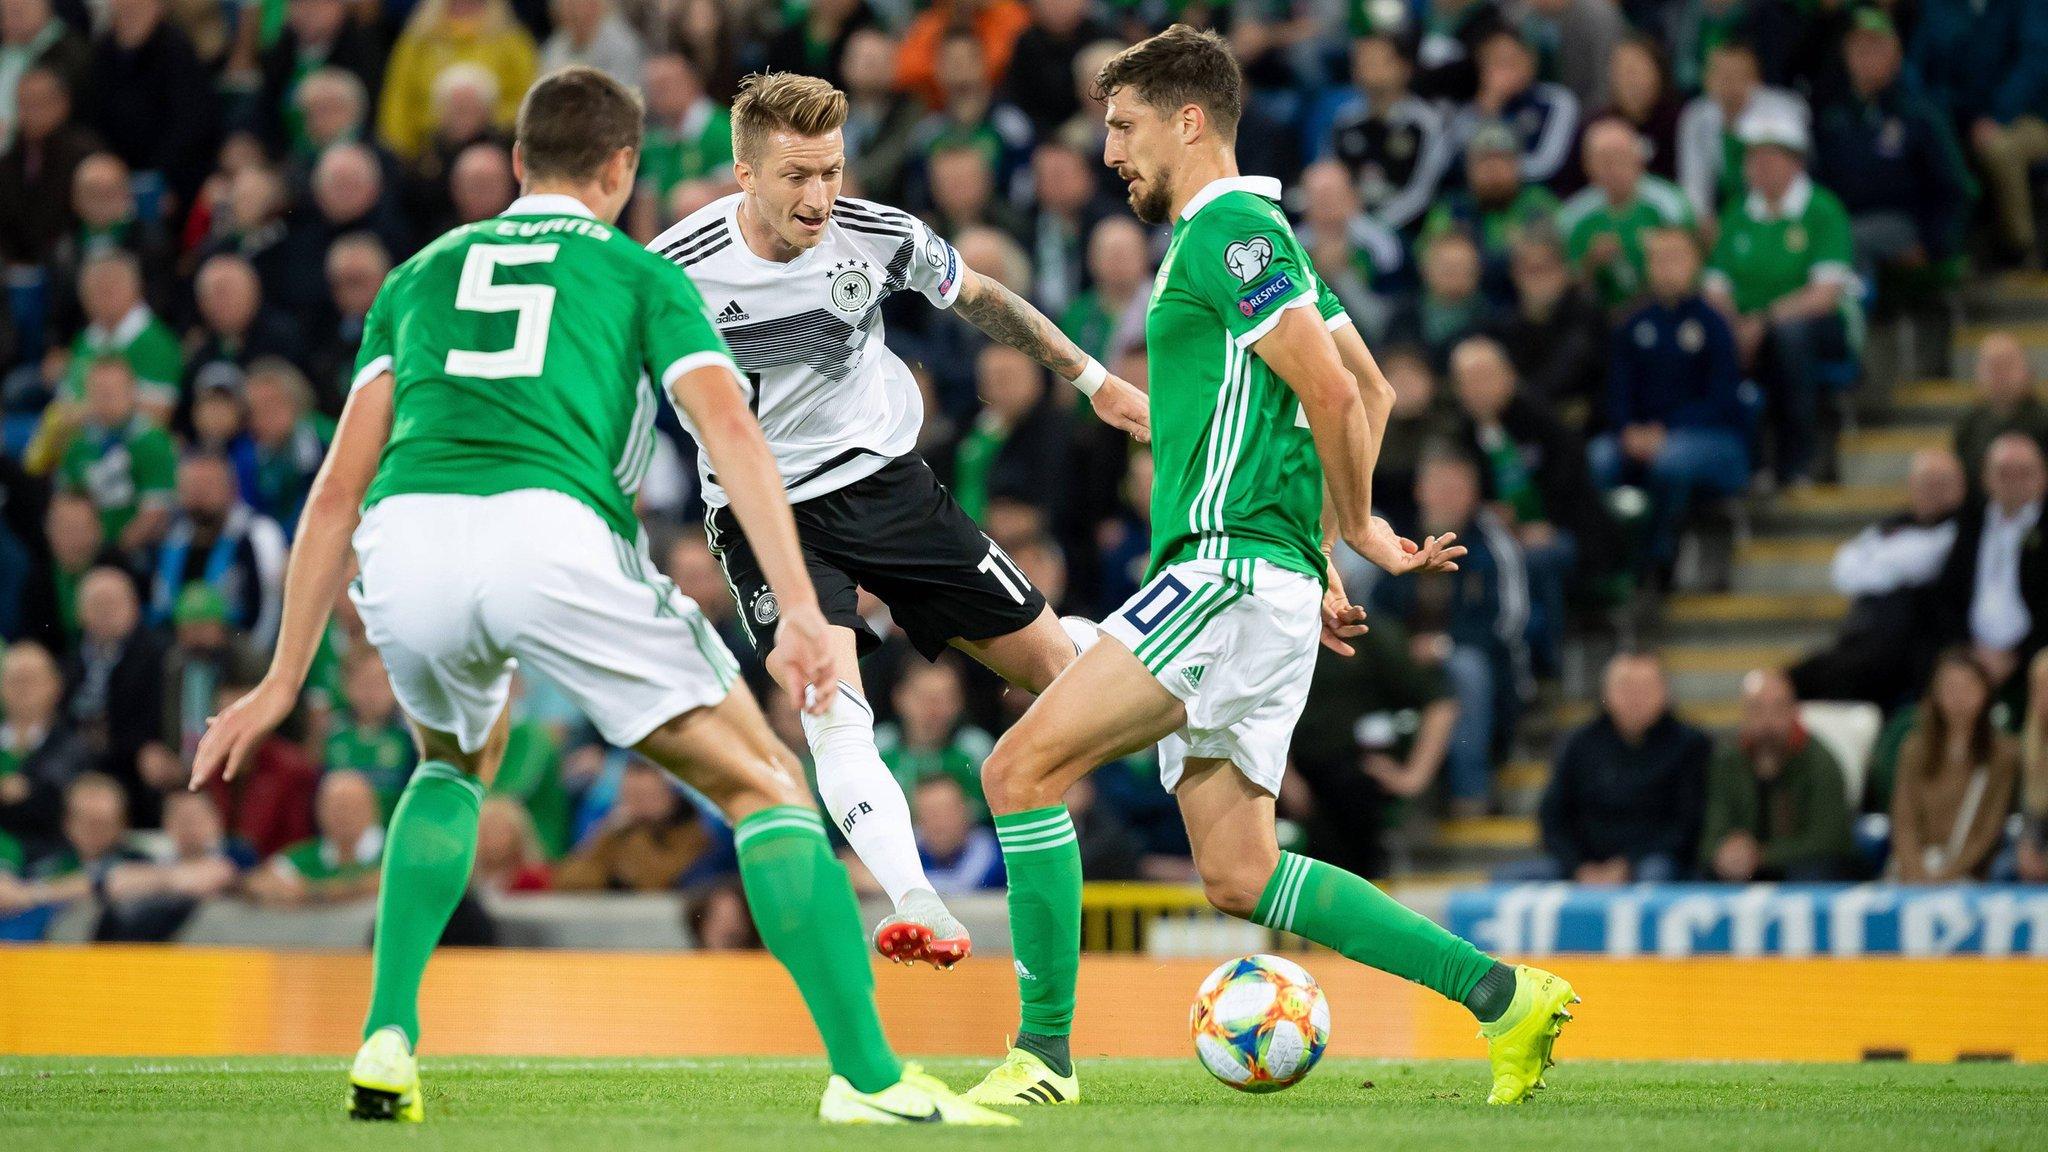 المانيا تحقق فوز ثمين على إيرلندا الشمالية بتصفيات كأس الأمم الأوروبية 2020